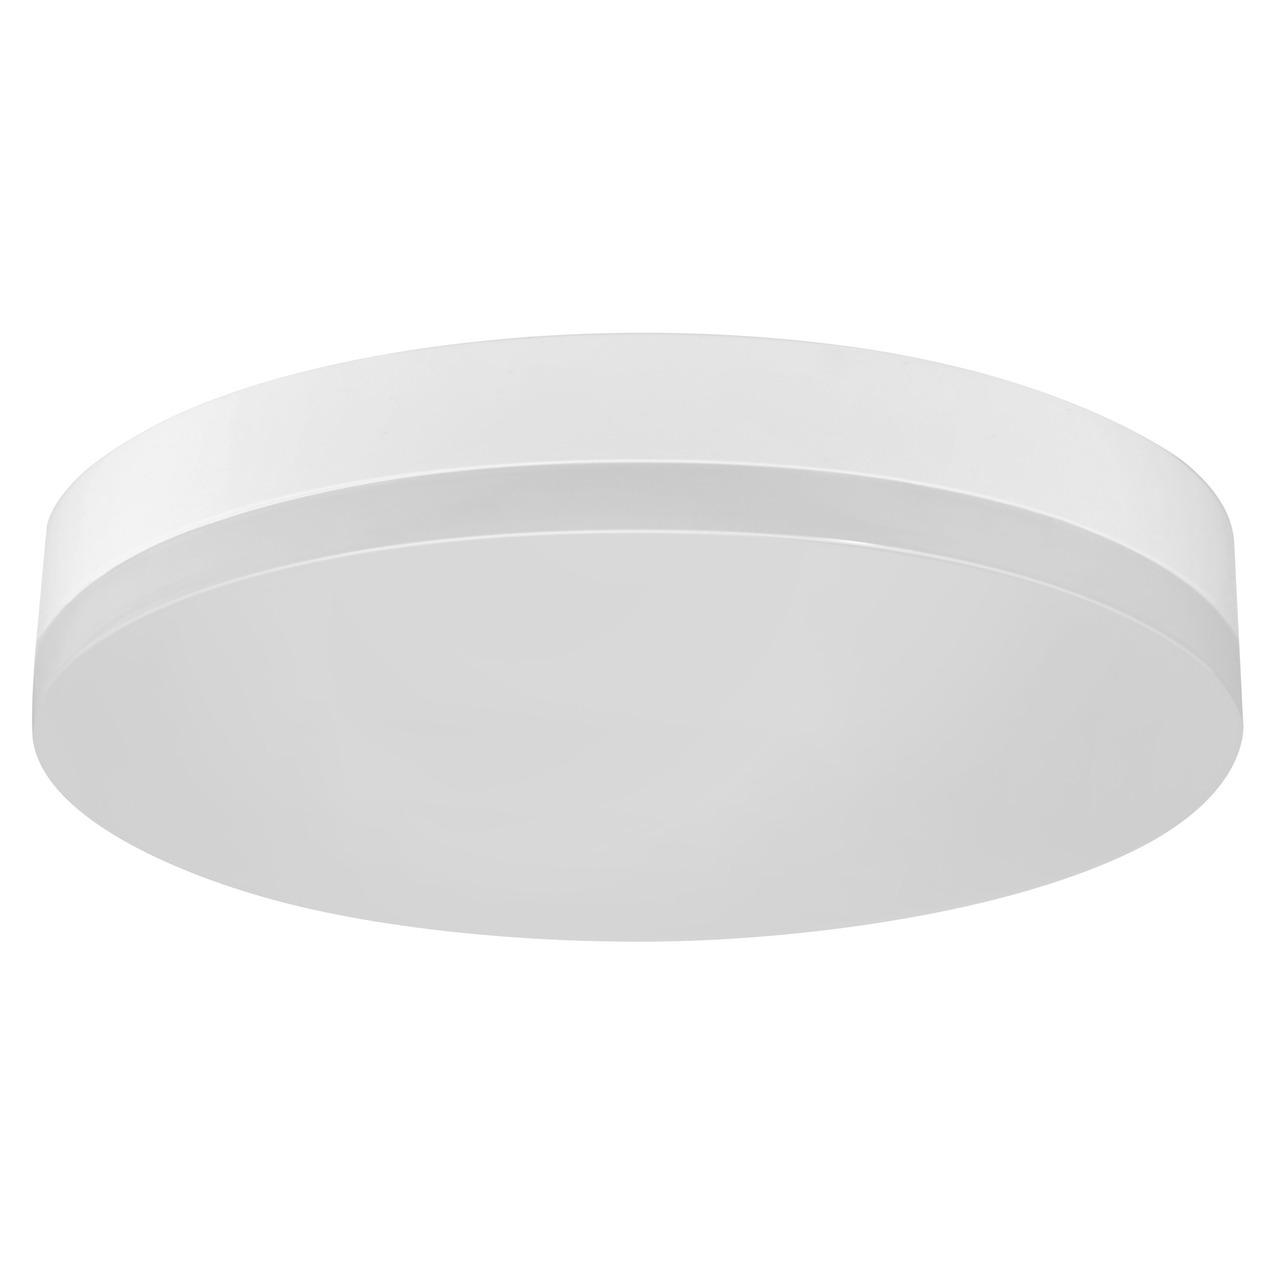 Mund-252 ller Licht 24-W-LED-Deckenleuchte Office Round Sensor mit HF-Bewegungsmelder- warmweiund-223